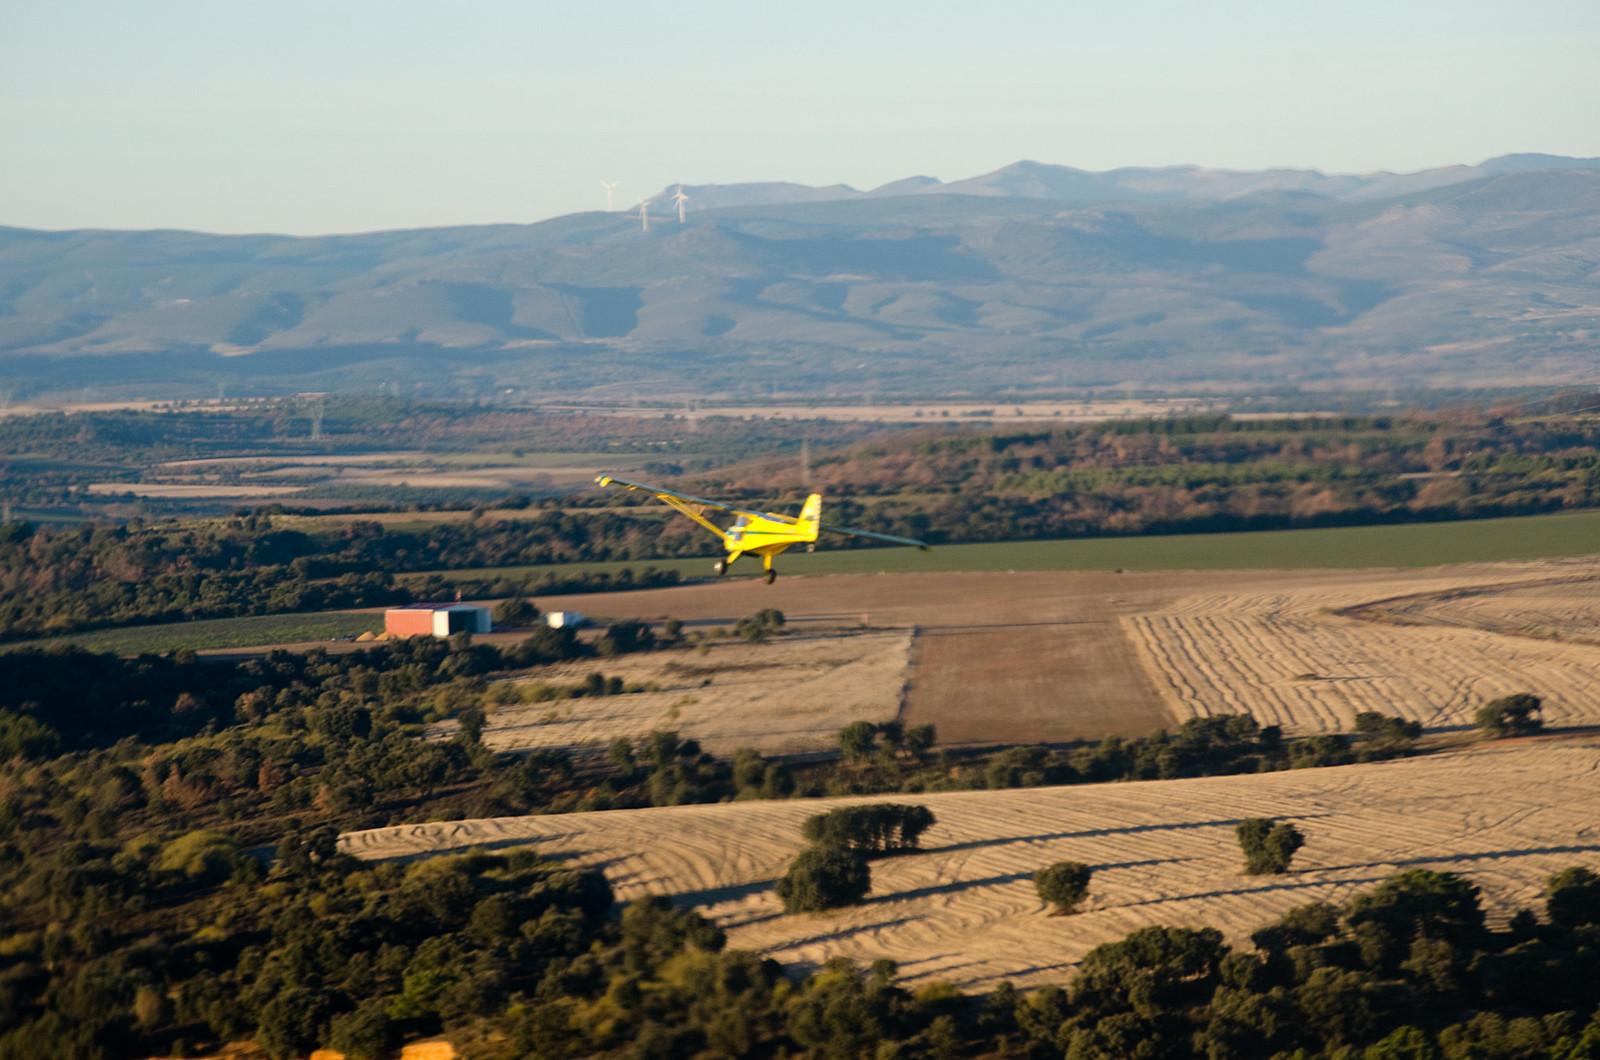 Vuelo Roberto Jabiru UL-450 Aerodromo Kitfox vuelo Astorga (83)